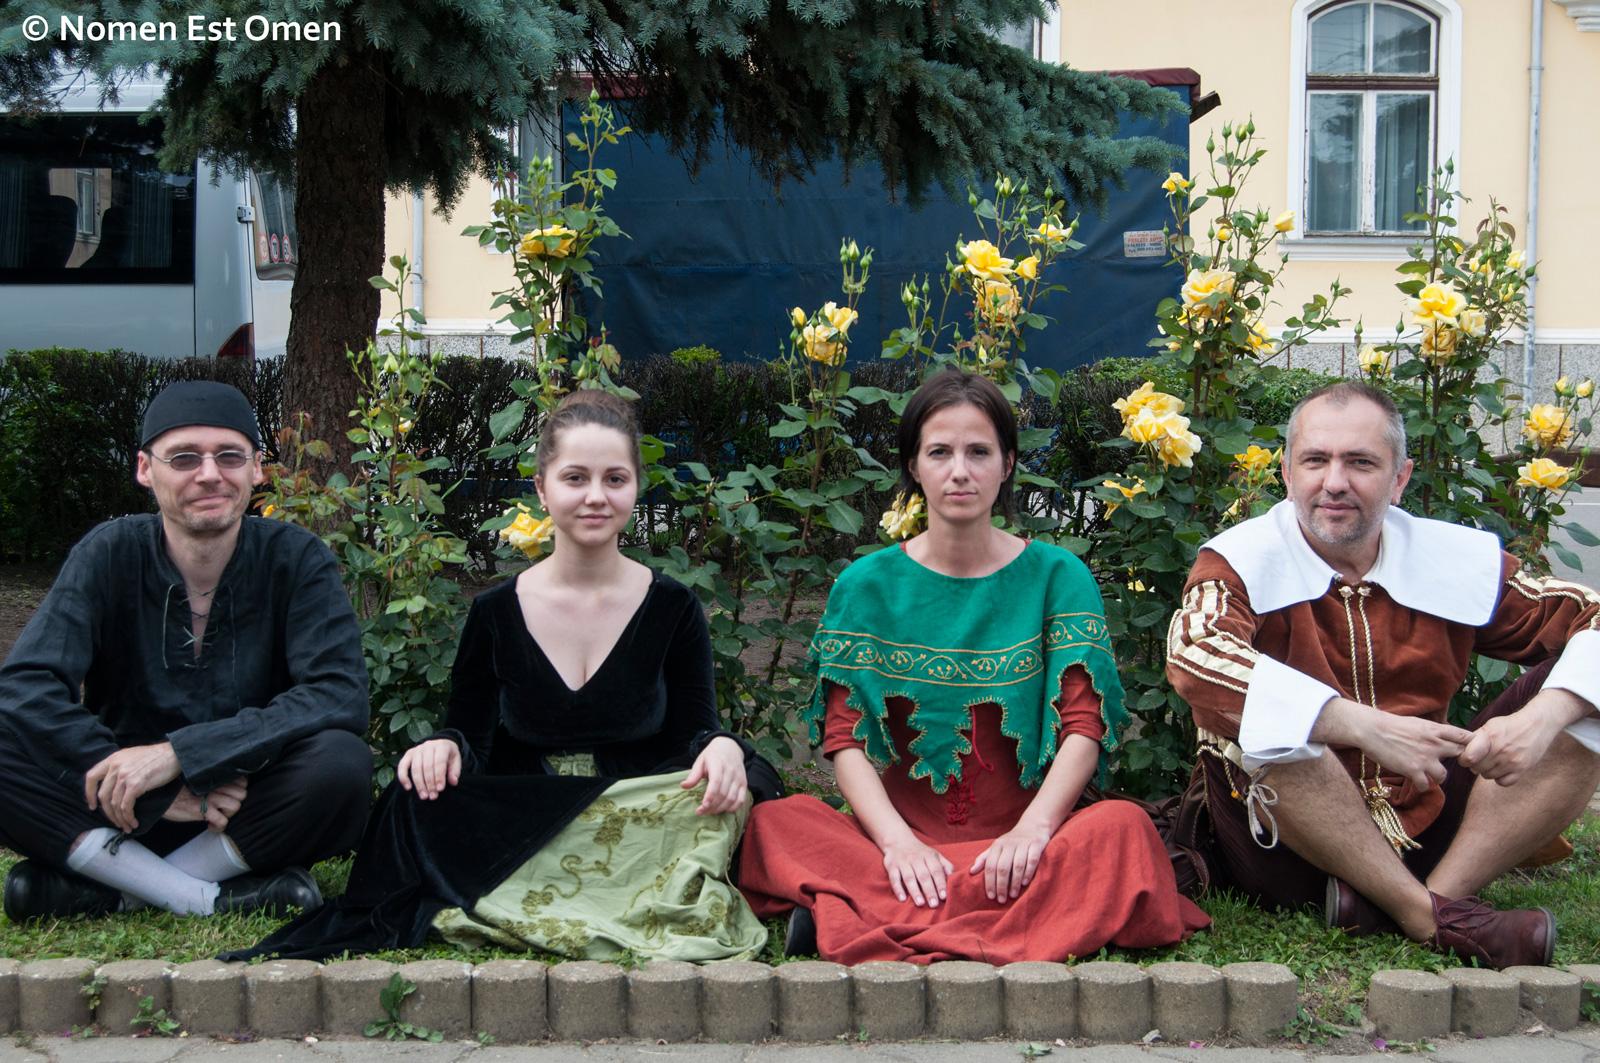 Nomen Est Omen la festivalul medieval de la Sebes